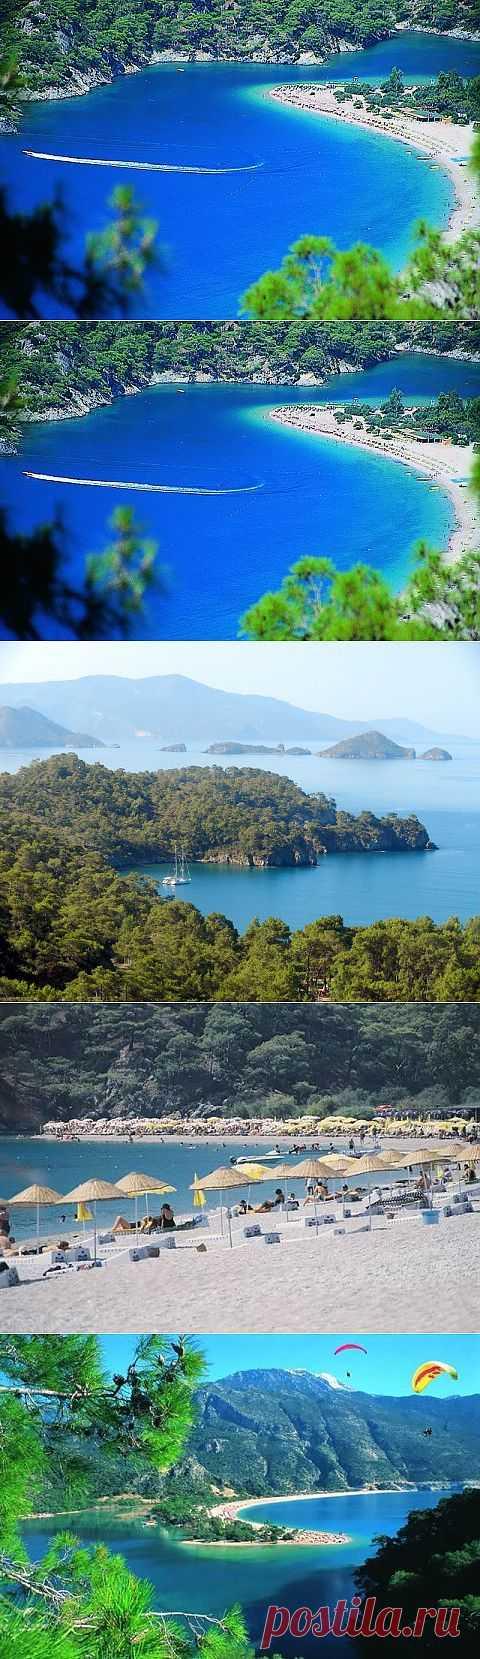 (+1) тема - Турция на осенние каникулы ??? | ТУРИЗМ И ОТДЫХ